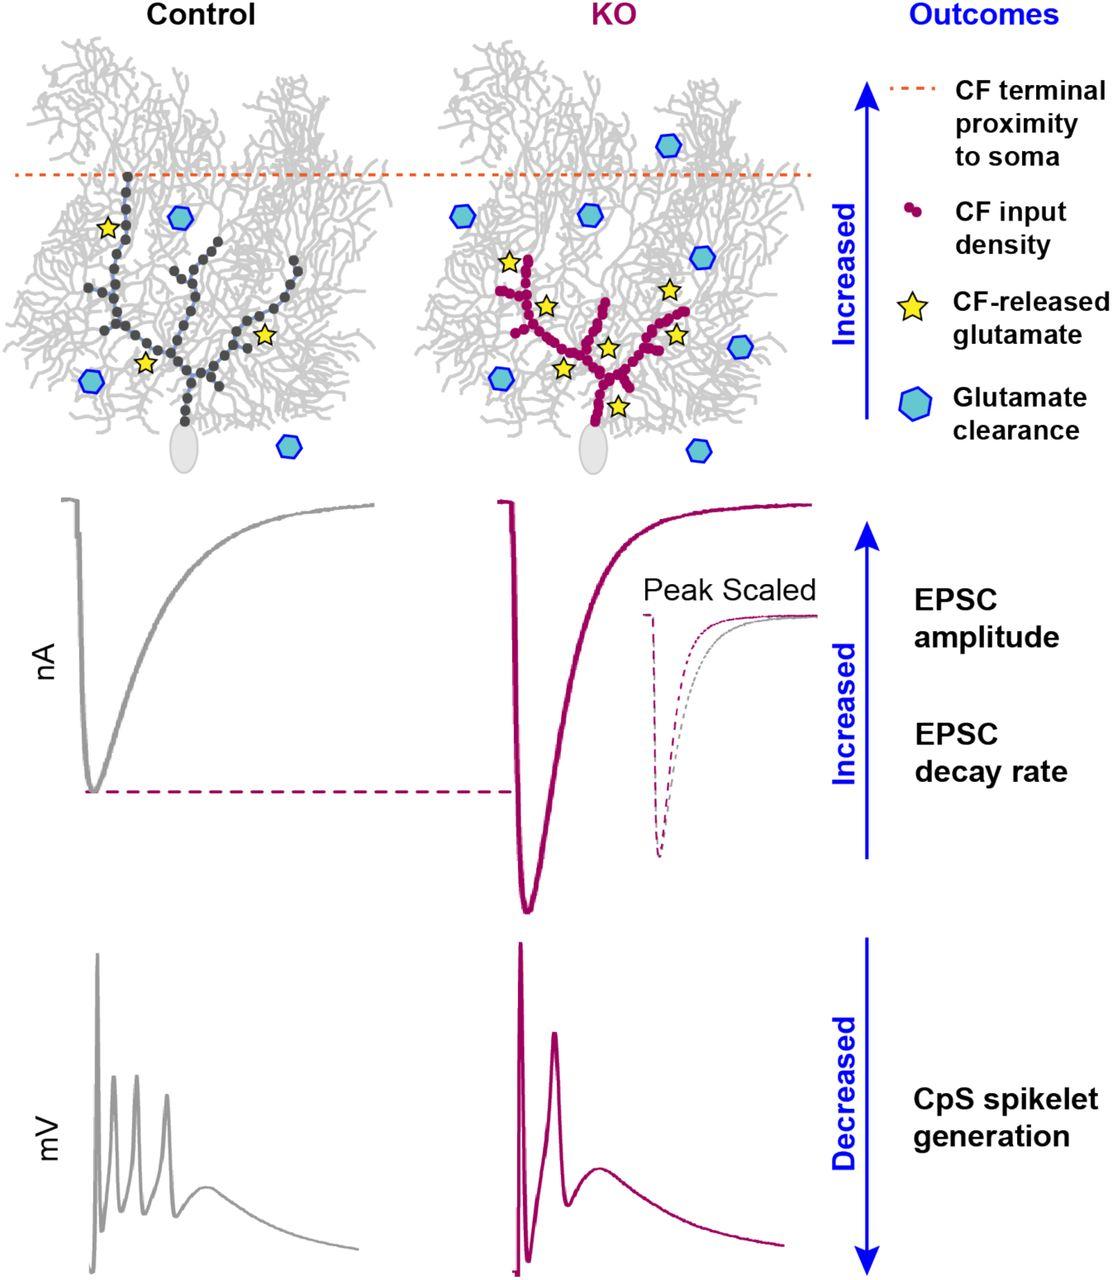 α2δ-2 protein controls structure and function at the